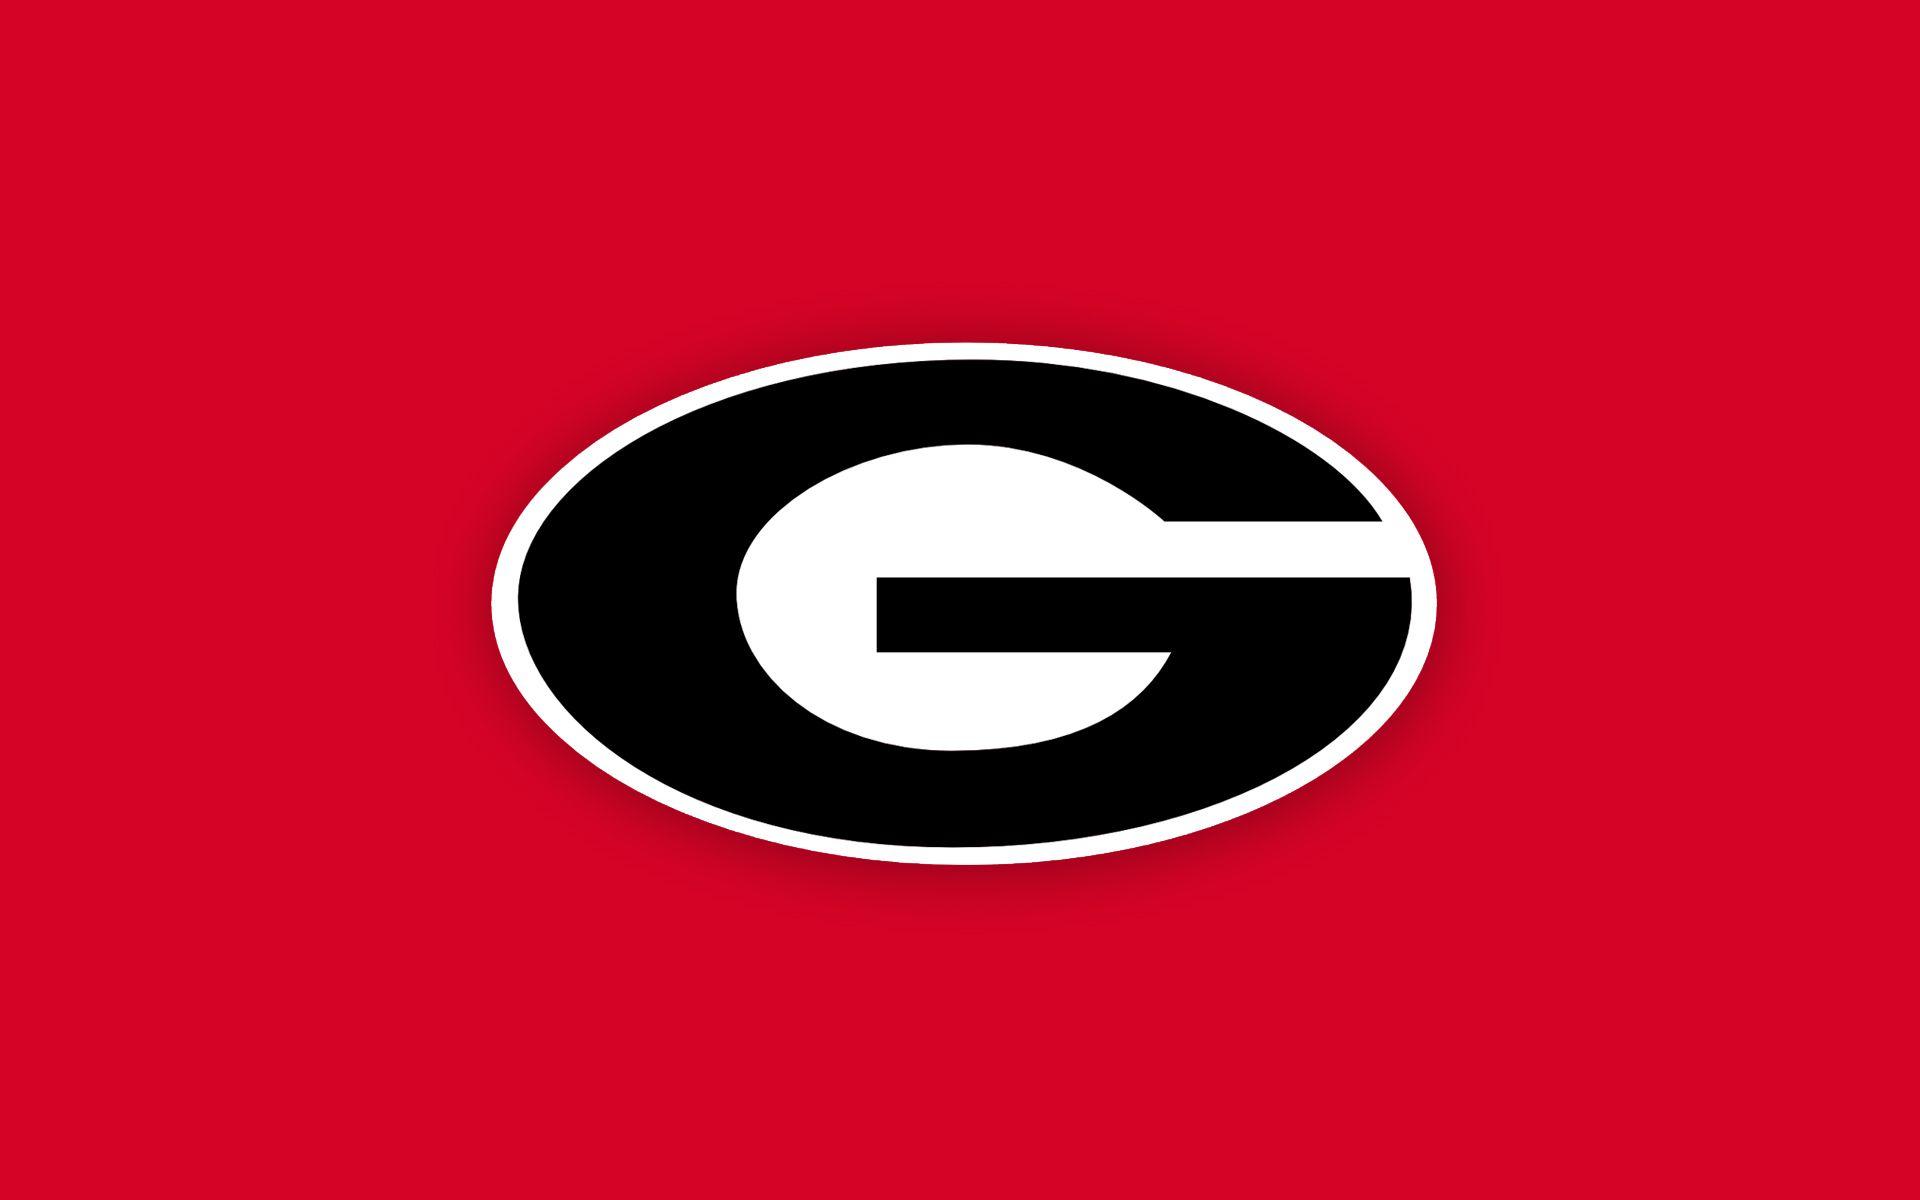 Georgia Football Georgia Bulldogs Bulldog Wallpaper Football Wallpaper